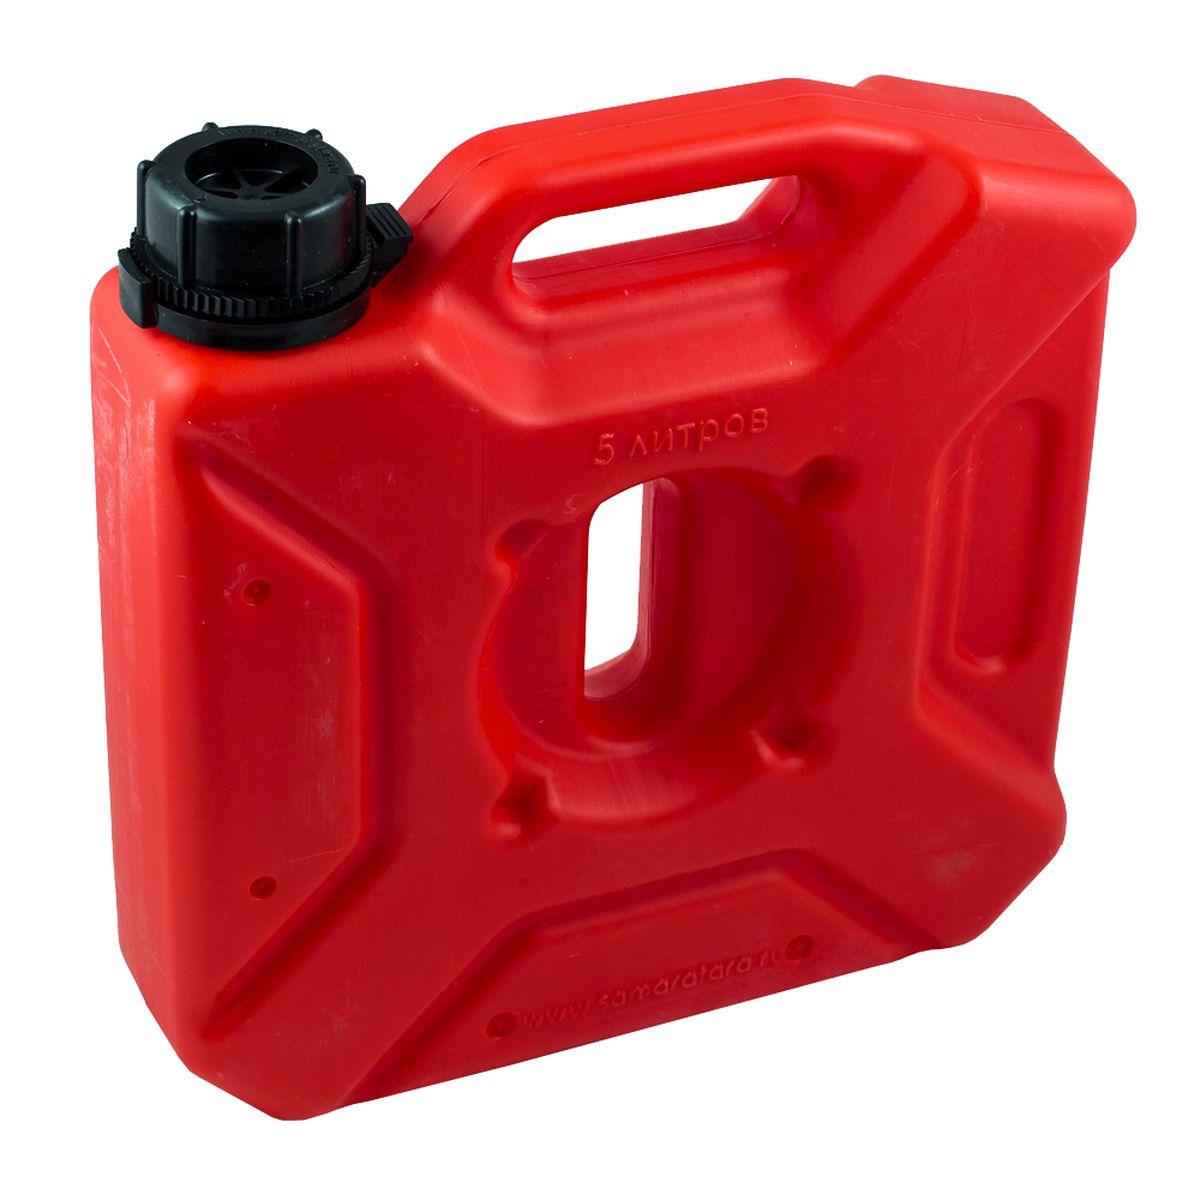 Канистра автомобильная Экстрим Плюс, цвет: красный, 5 л канистра пластиковая для гсм 10л 62 4 009